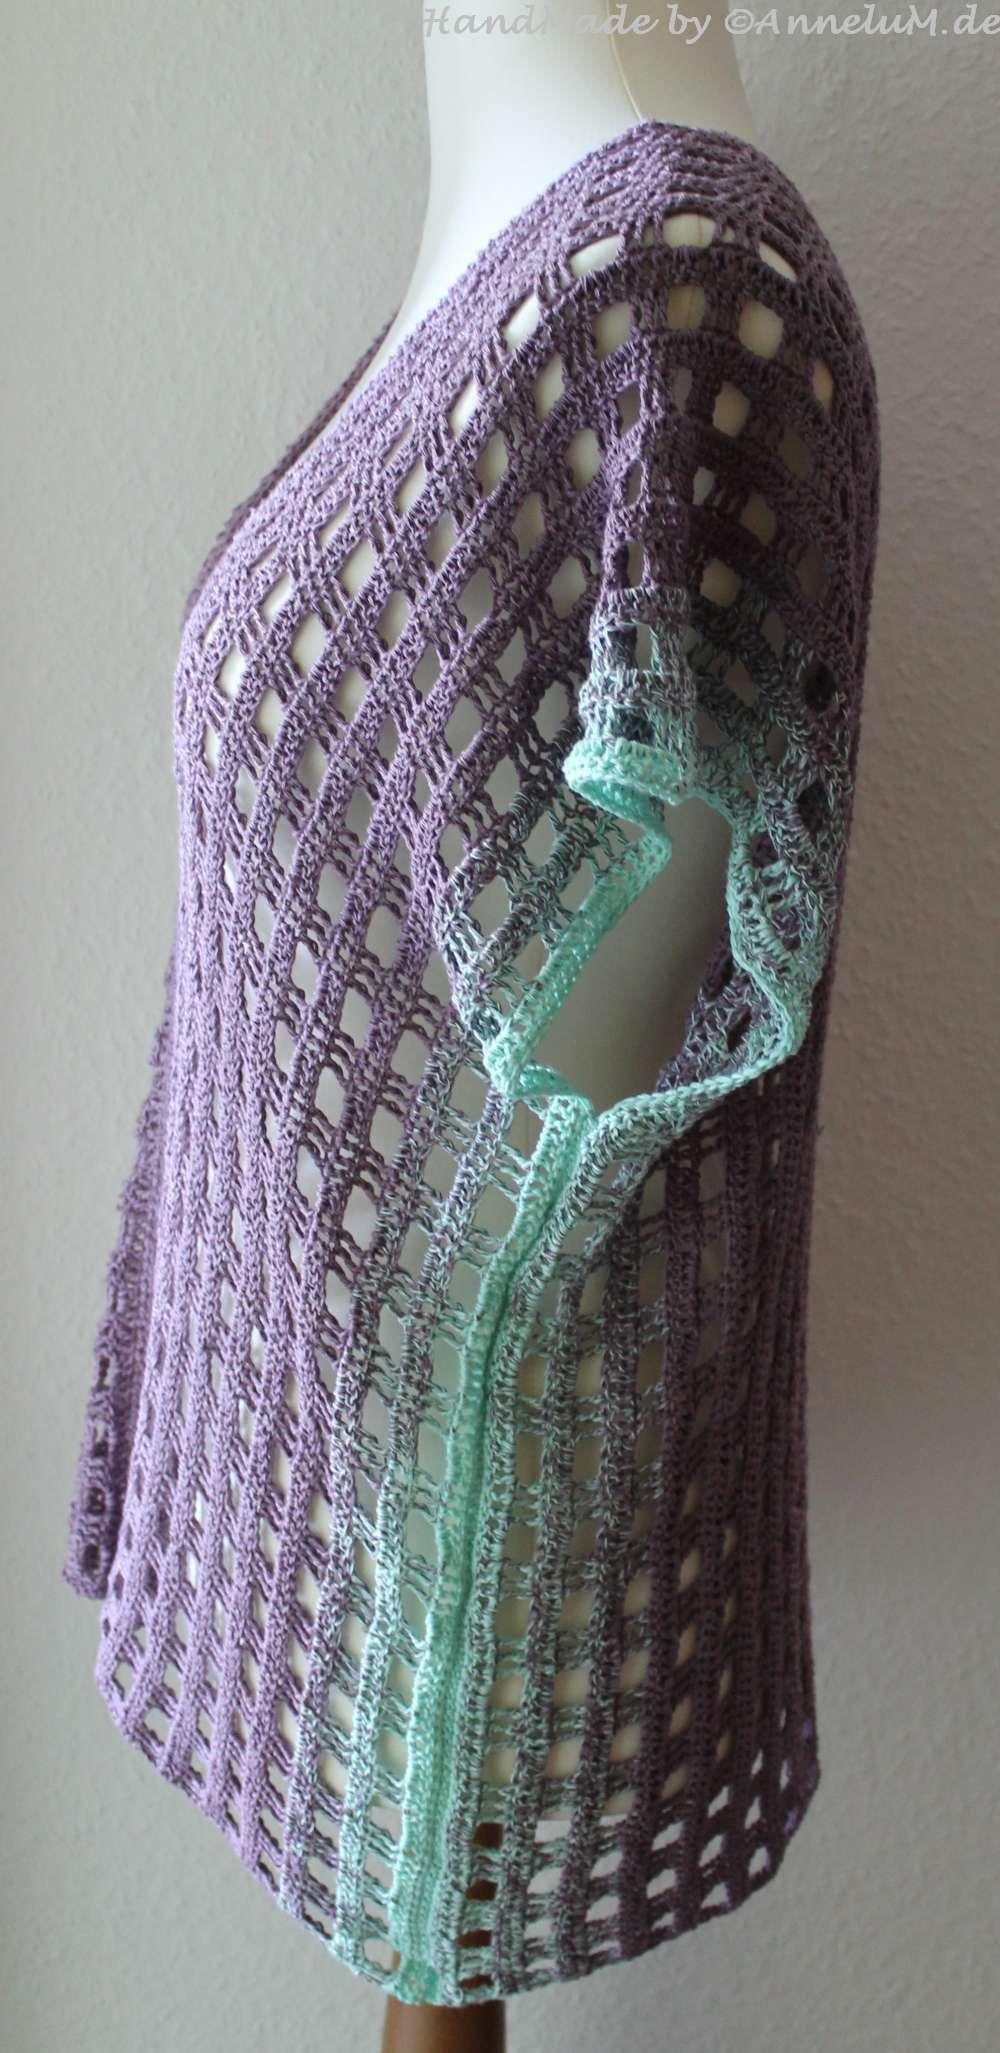 Aus zwei Schals wird eine Tunika   AnneluM   Schöne Dinge ...